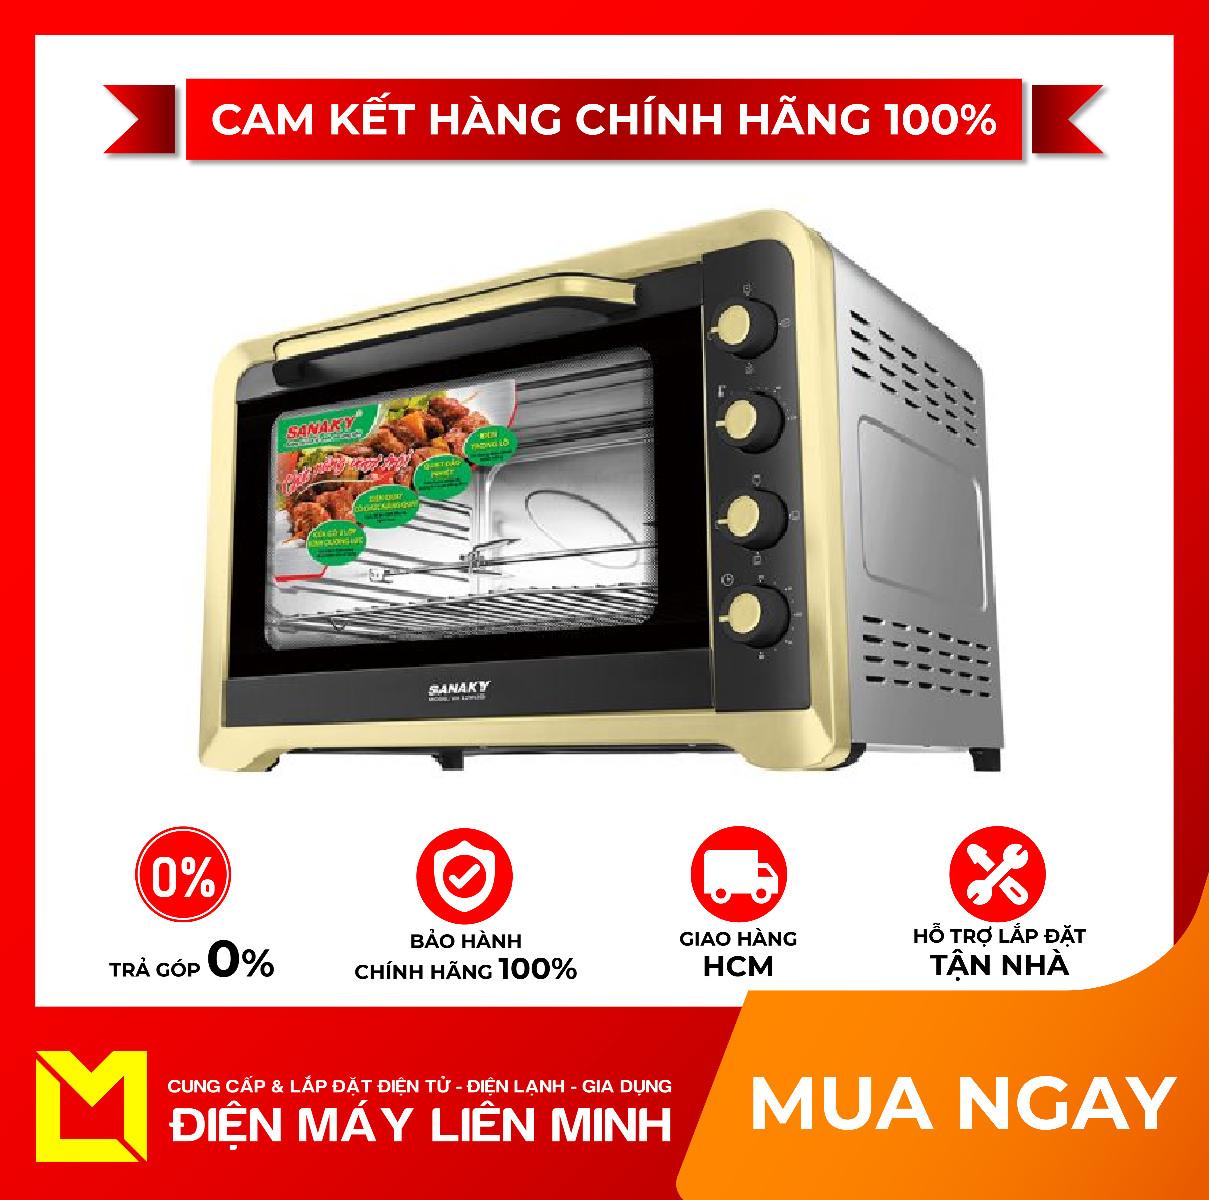 [Trả góp 0%]Lò nướng Sanaky VH129N2D - Thân lò được làm bằng thép sơn tĩnh điện có độ bền cao và dễ dàng vệ sinh. Hệ thống điều khiển nhiệt độ hẹn giờ và chọn chế độ nấu bằng núm xoay dễ sử dụng.